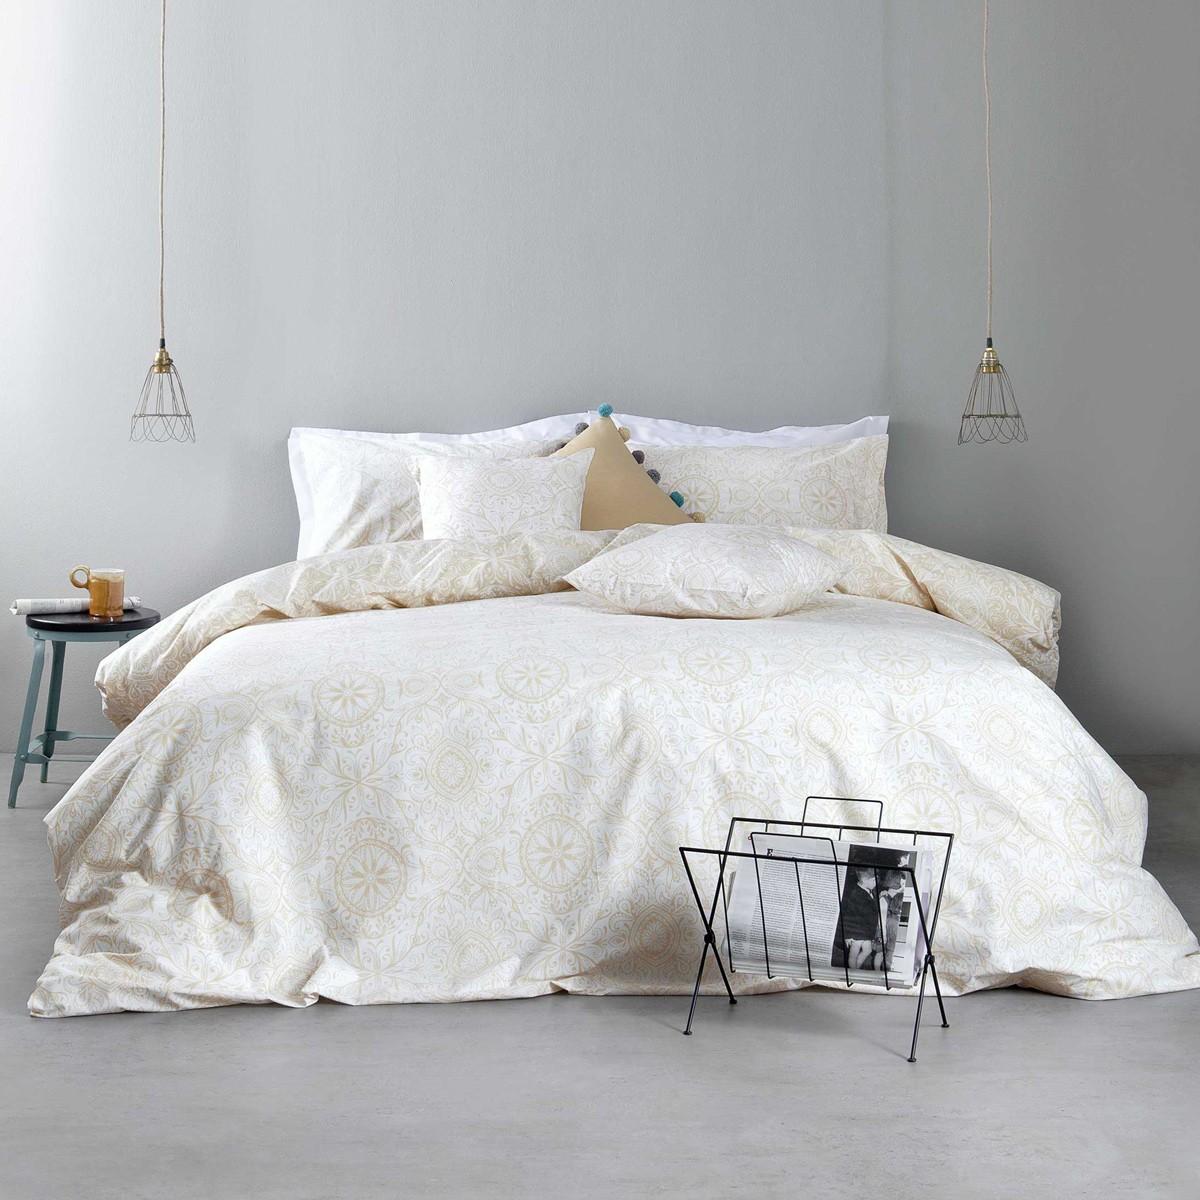 Σεντόνια Μονά (Σετ) Nima Bed Linen Anatolica Beige